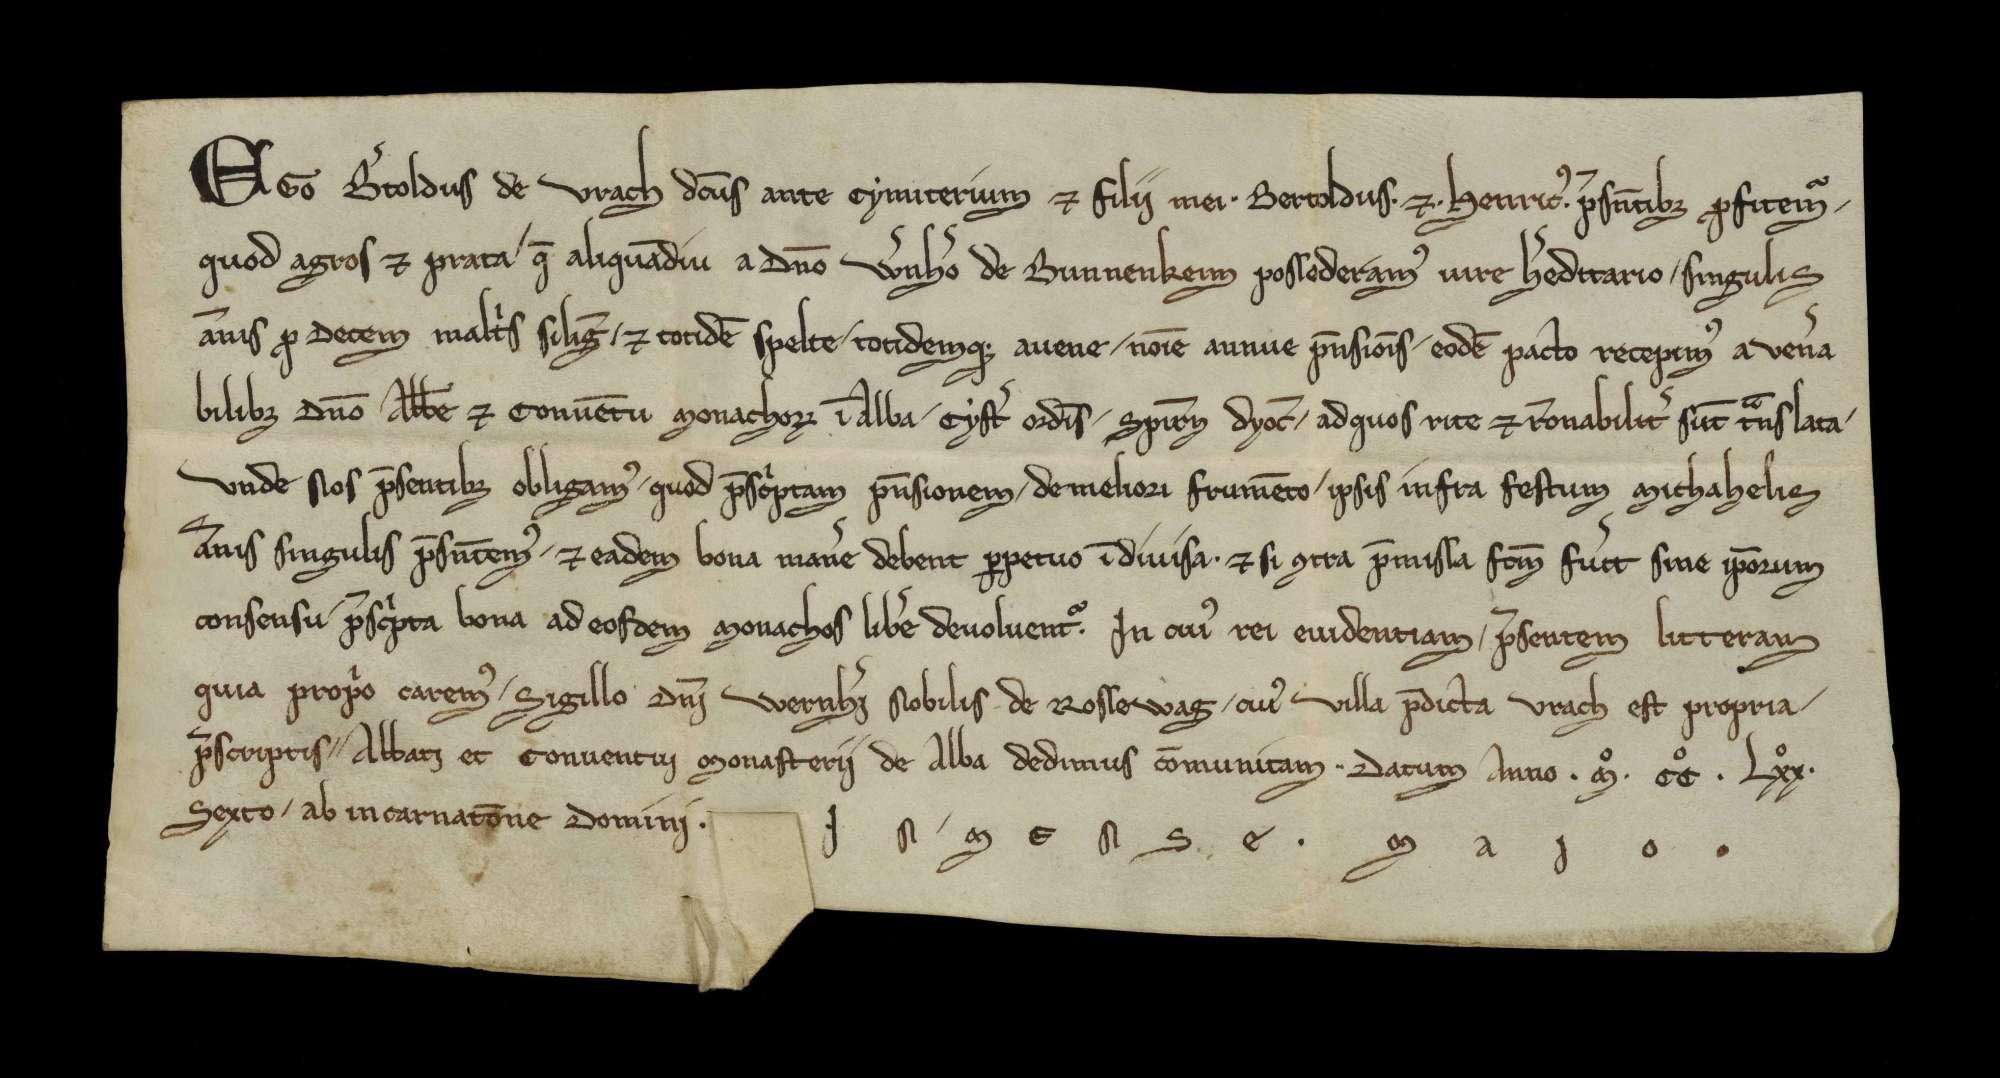 Berthold von Aurich, genannt vor dem Kirchhof, und seine Söhne Berthold und Heinrich bekennen, dass sie die Äcker und Wiesen, die sie seither von Werner von Bönnigheim nach Erbrecht besaßen, nunmehr gegen denselben Jahreszins vom Kloster Herrenalb erhalten haben., r